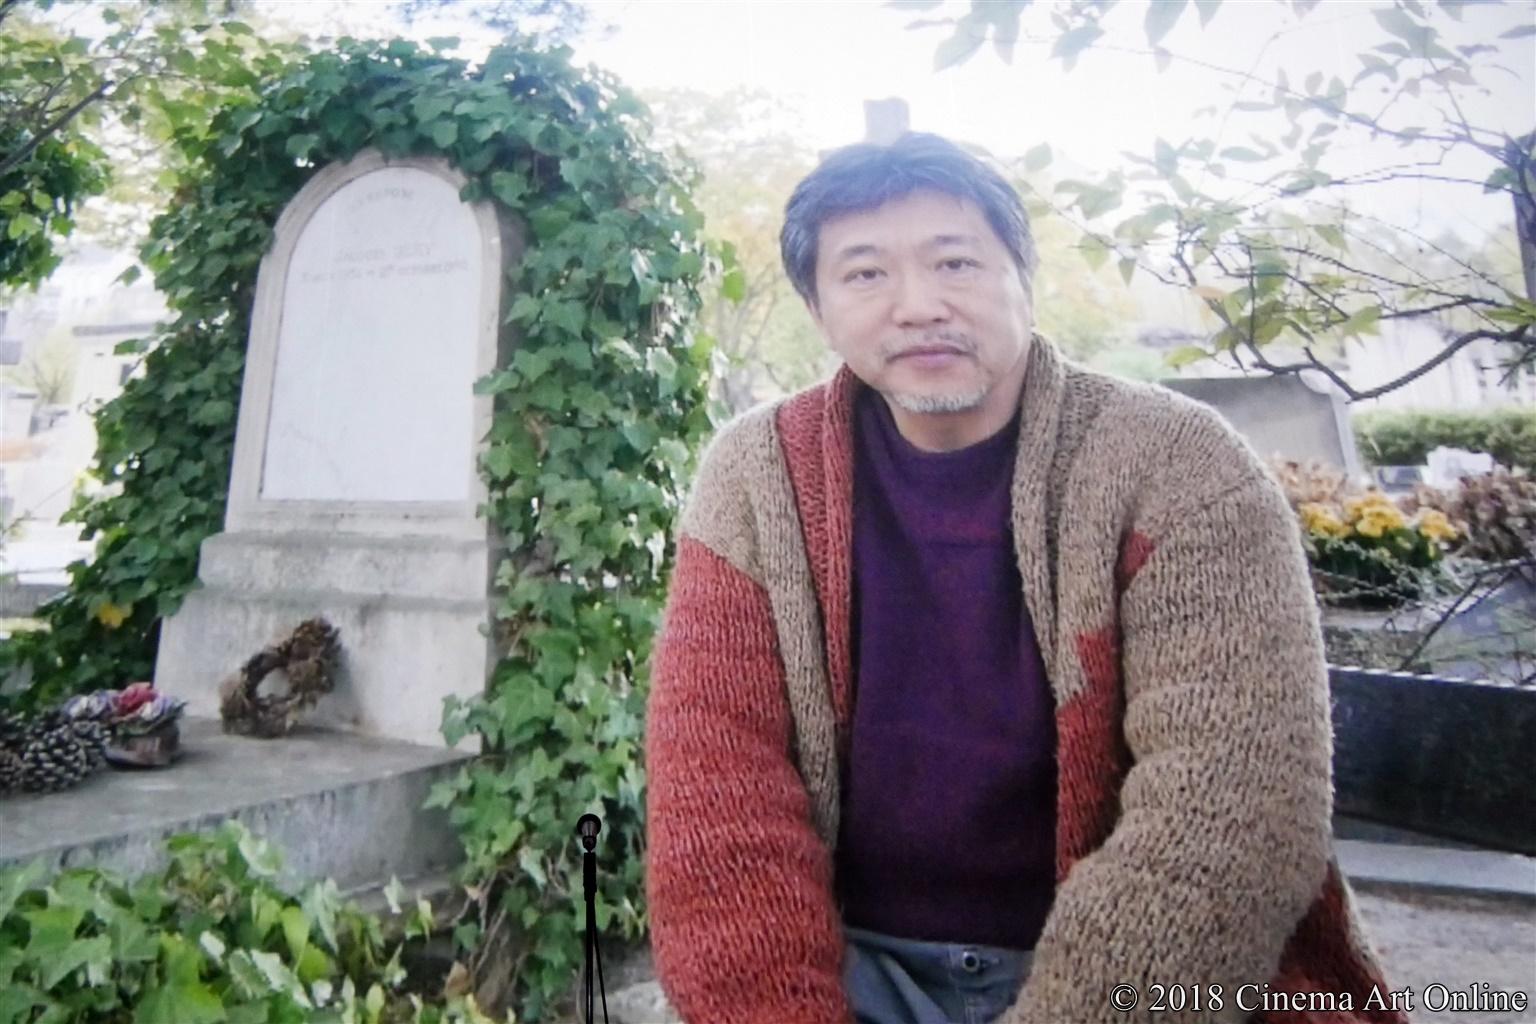 【写真】第10回 TAMA映画賞 授賞式 (是枝裕和監督)